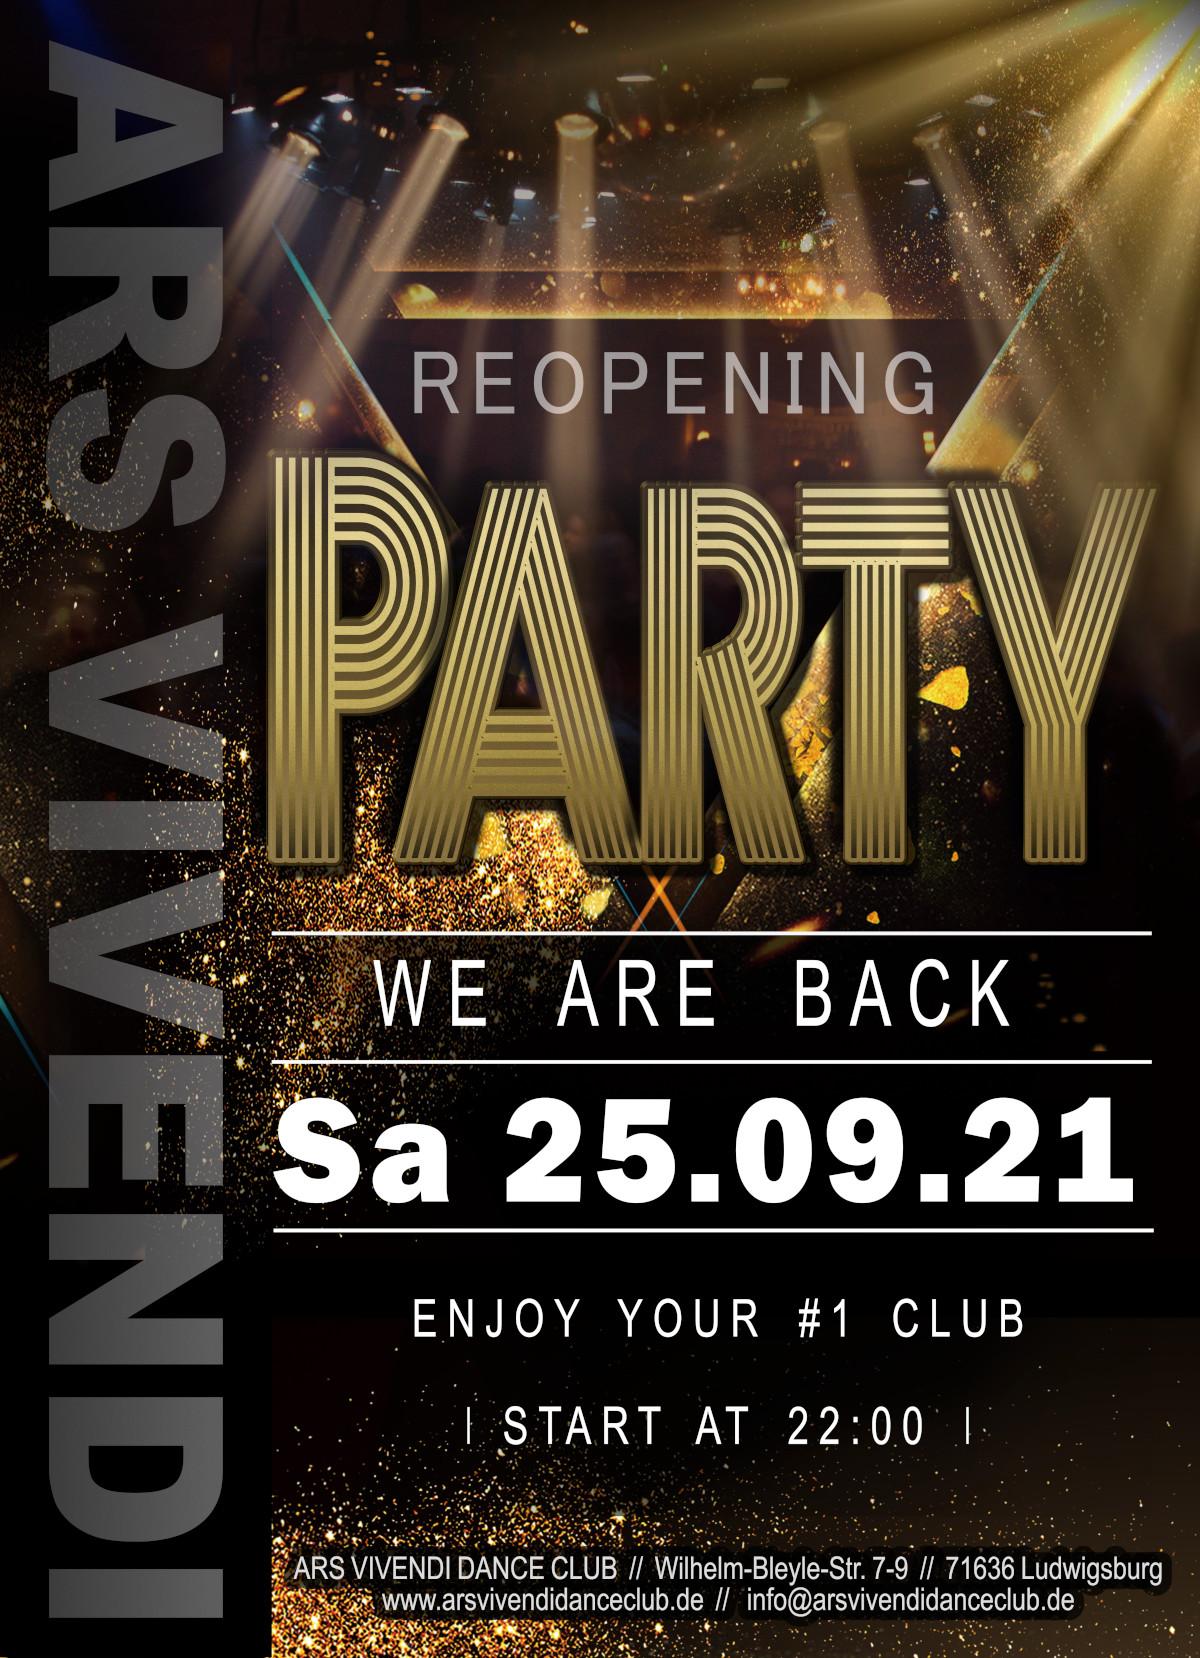 Reopening Party am Sa 25.09.21